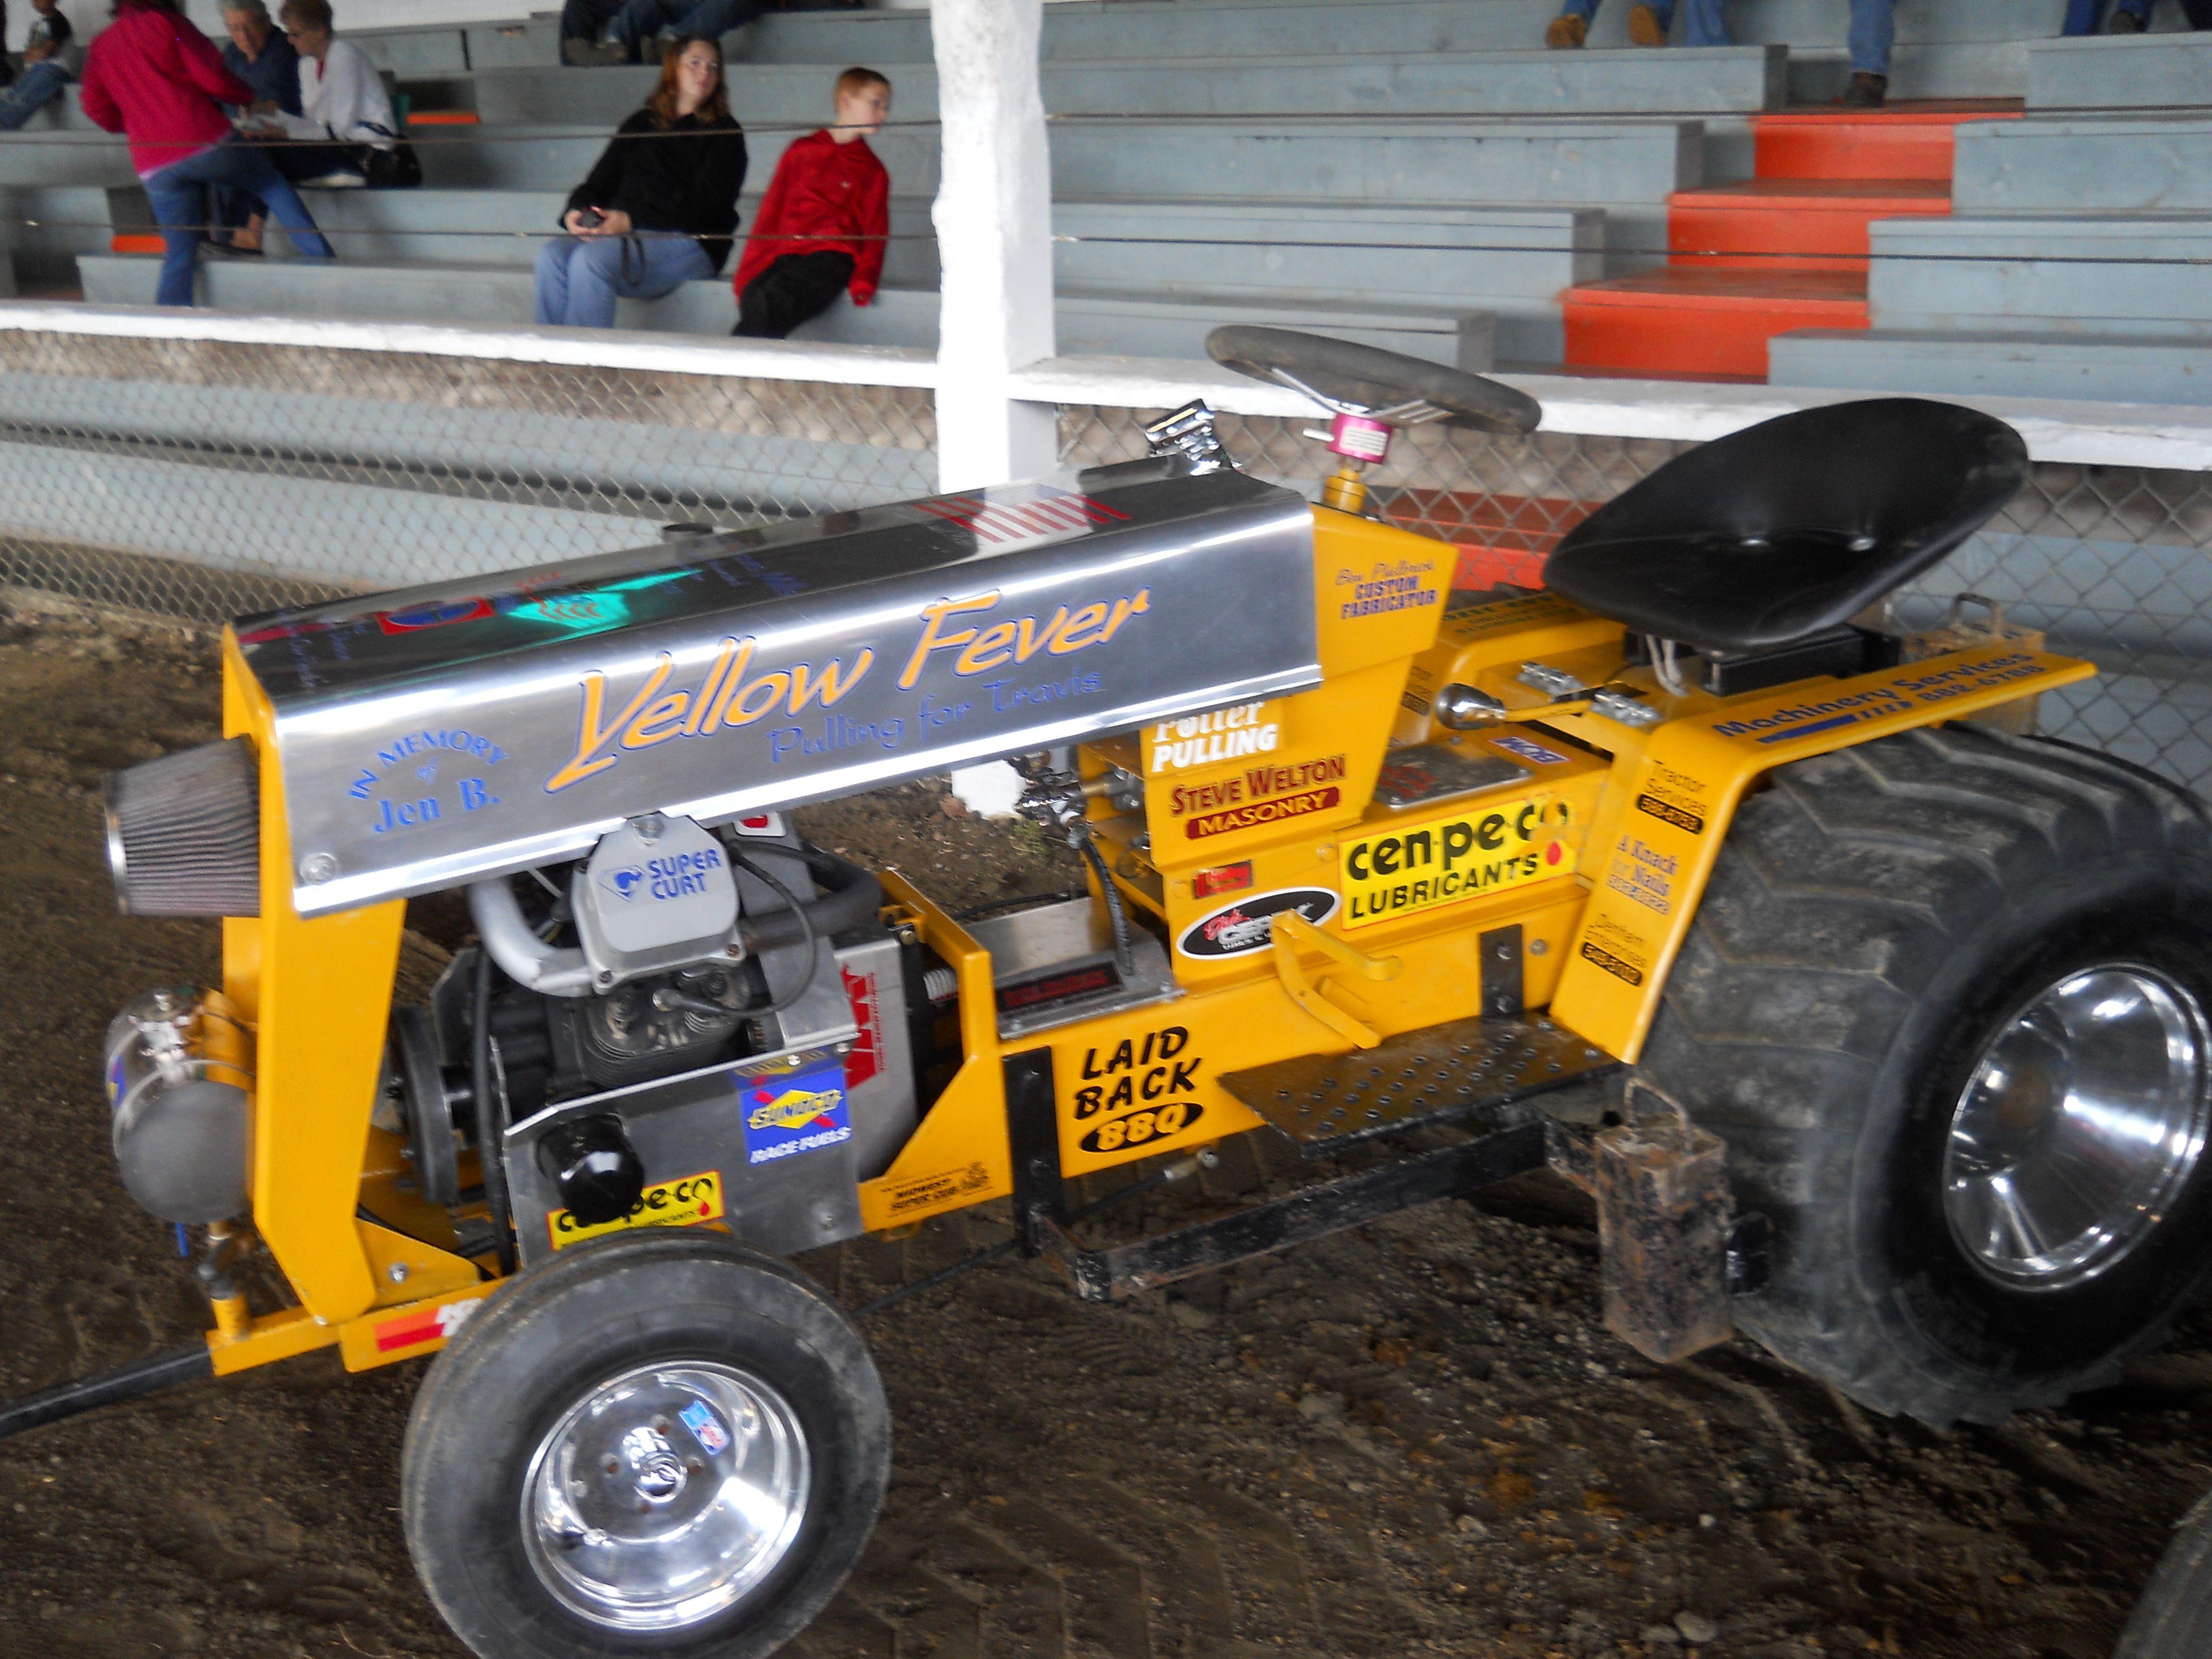 Pin by kaden dorn on pulling tracker | Best lawn tractor, Lawn mower